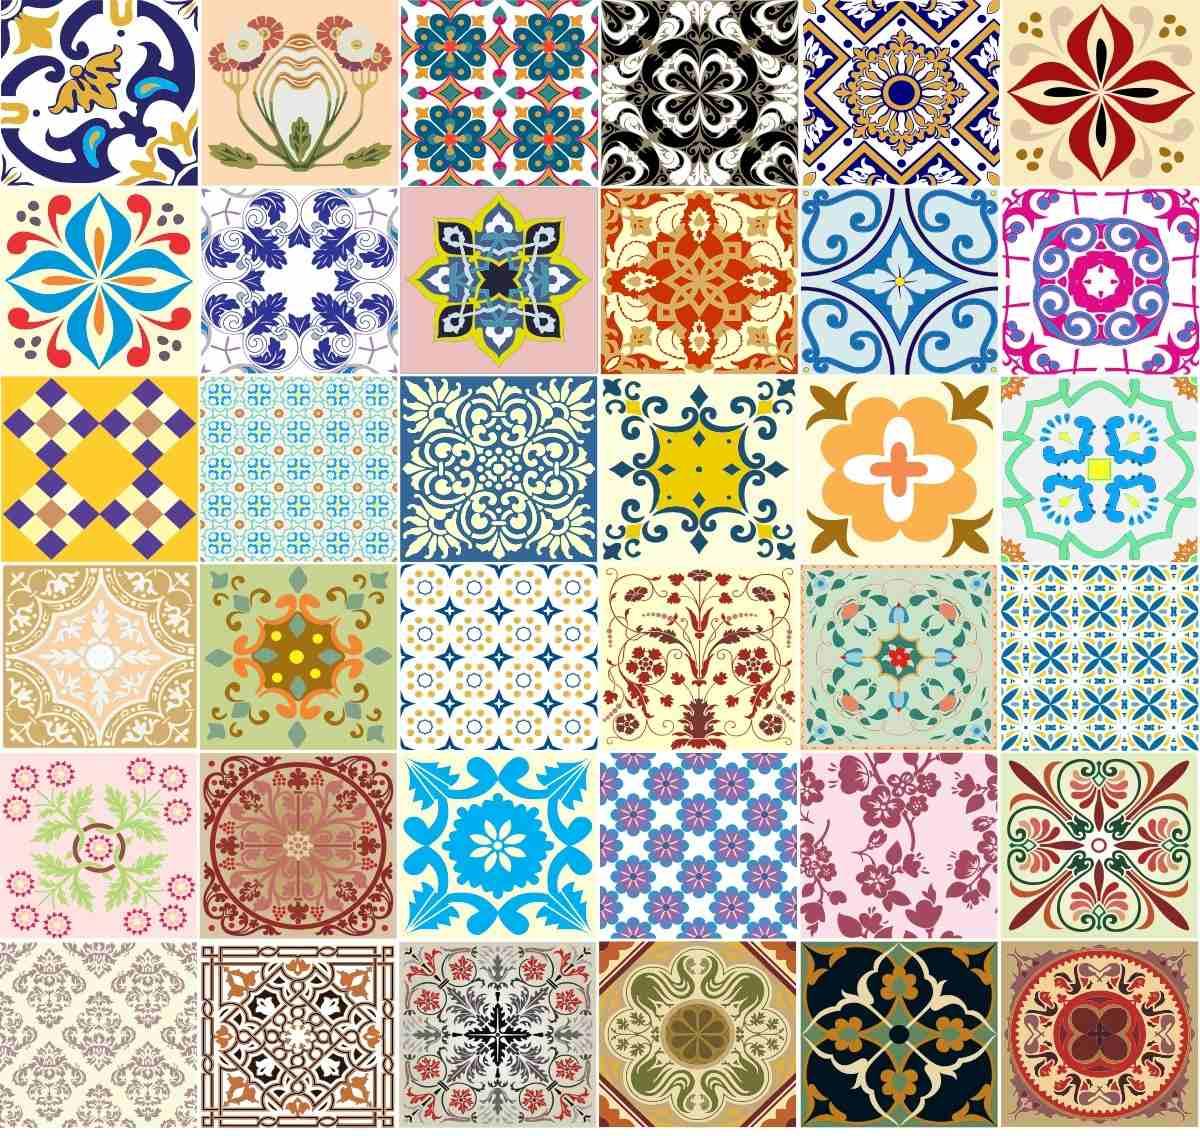 Adesivo Azulejos Decorativos 36 Unidades Frete Grátis R$ 69 89 em  #BF960C 1200x1136 Adesivos Hidraulicos Banheiro